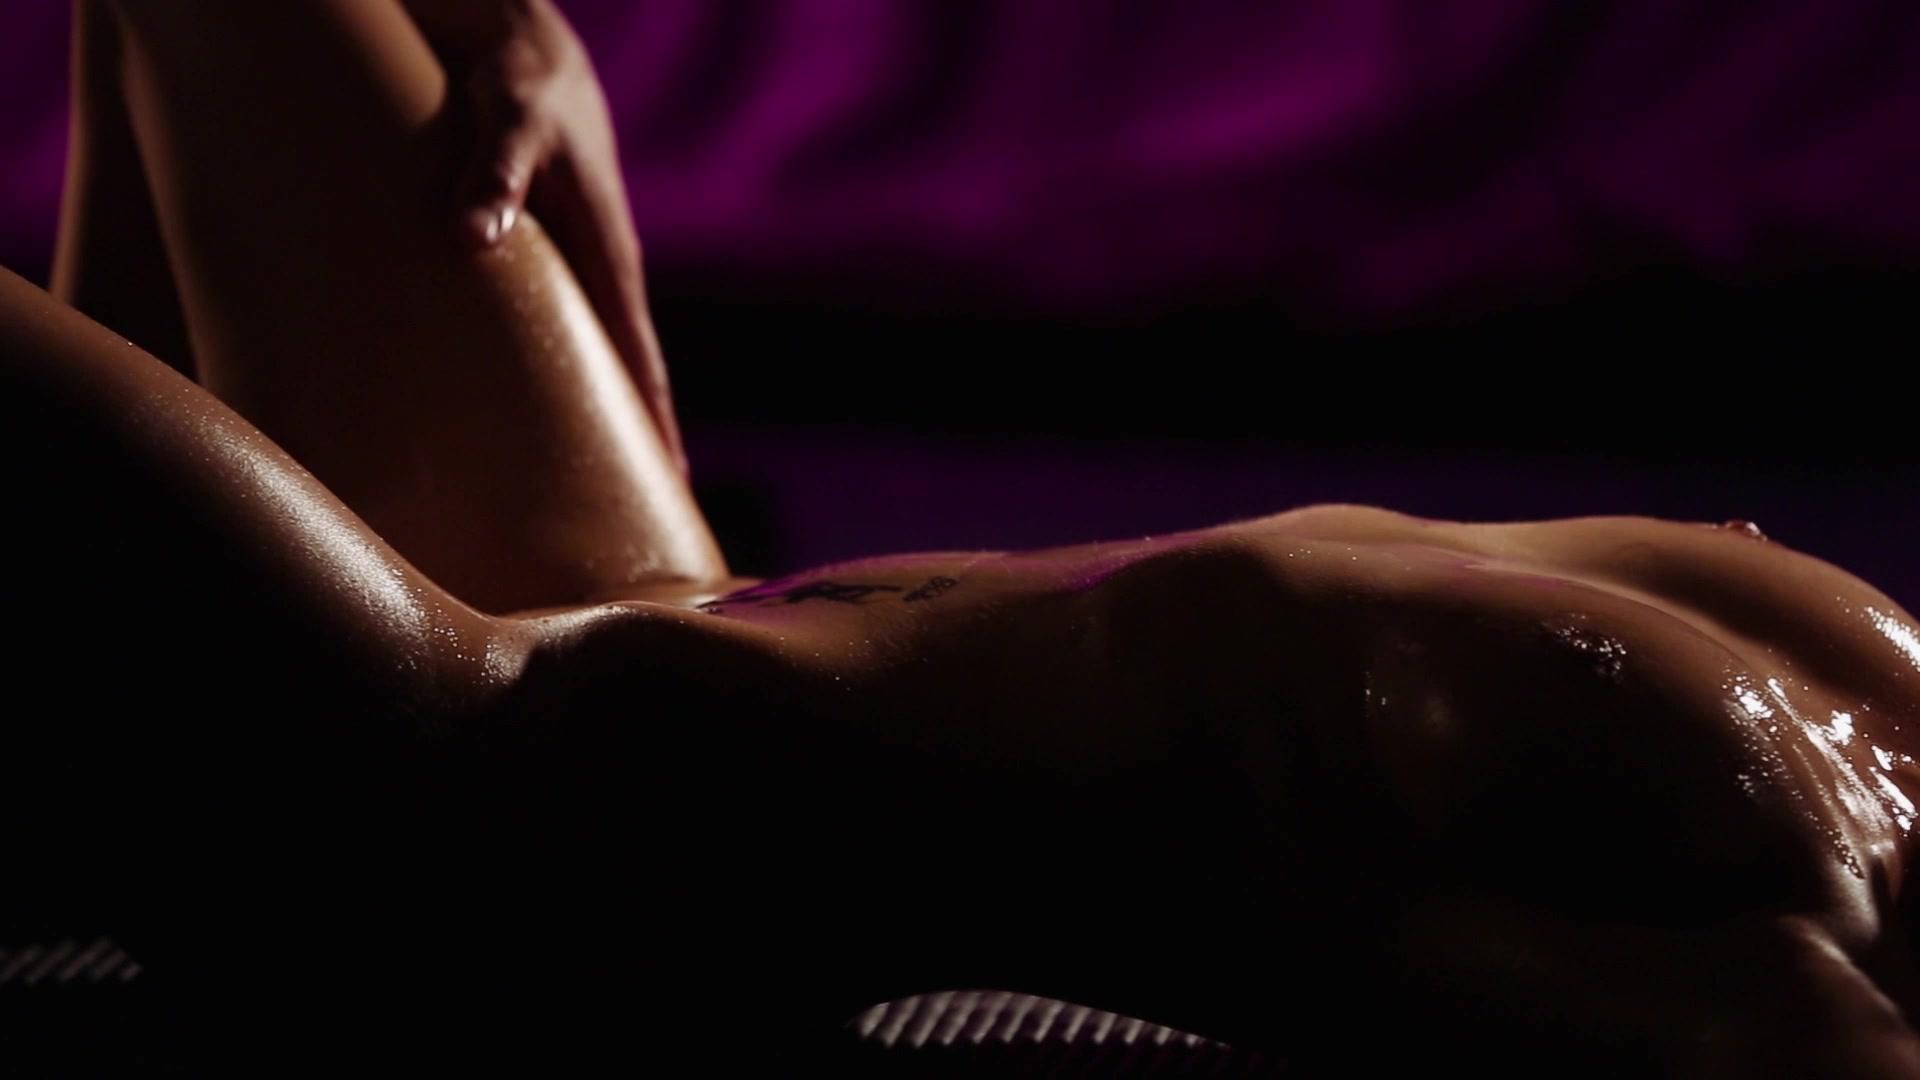 Супер сексуальные массаж мужчине